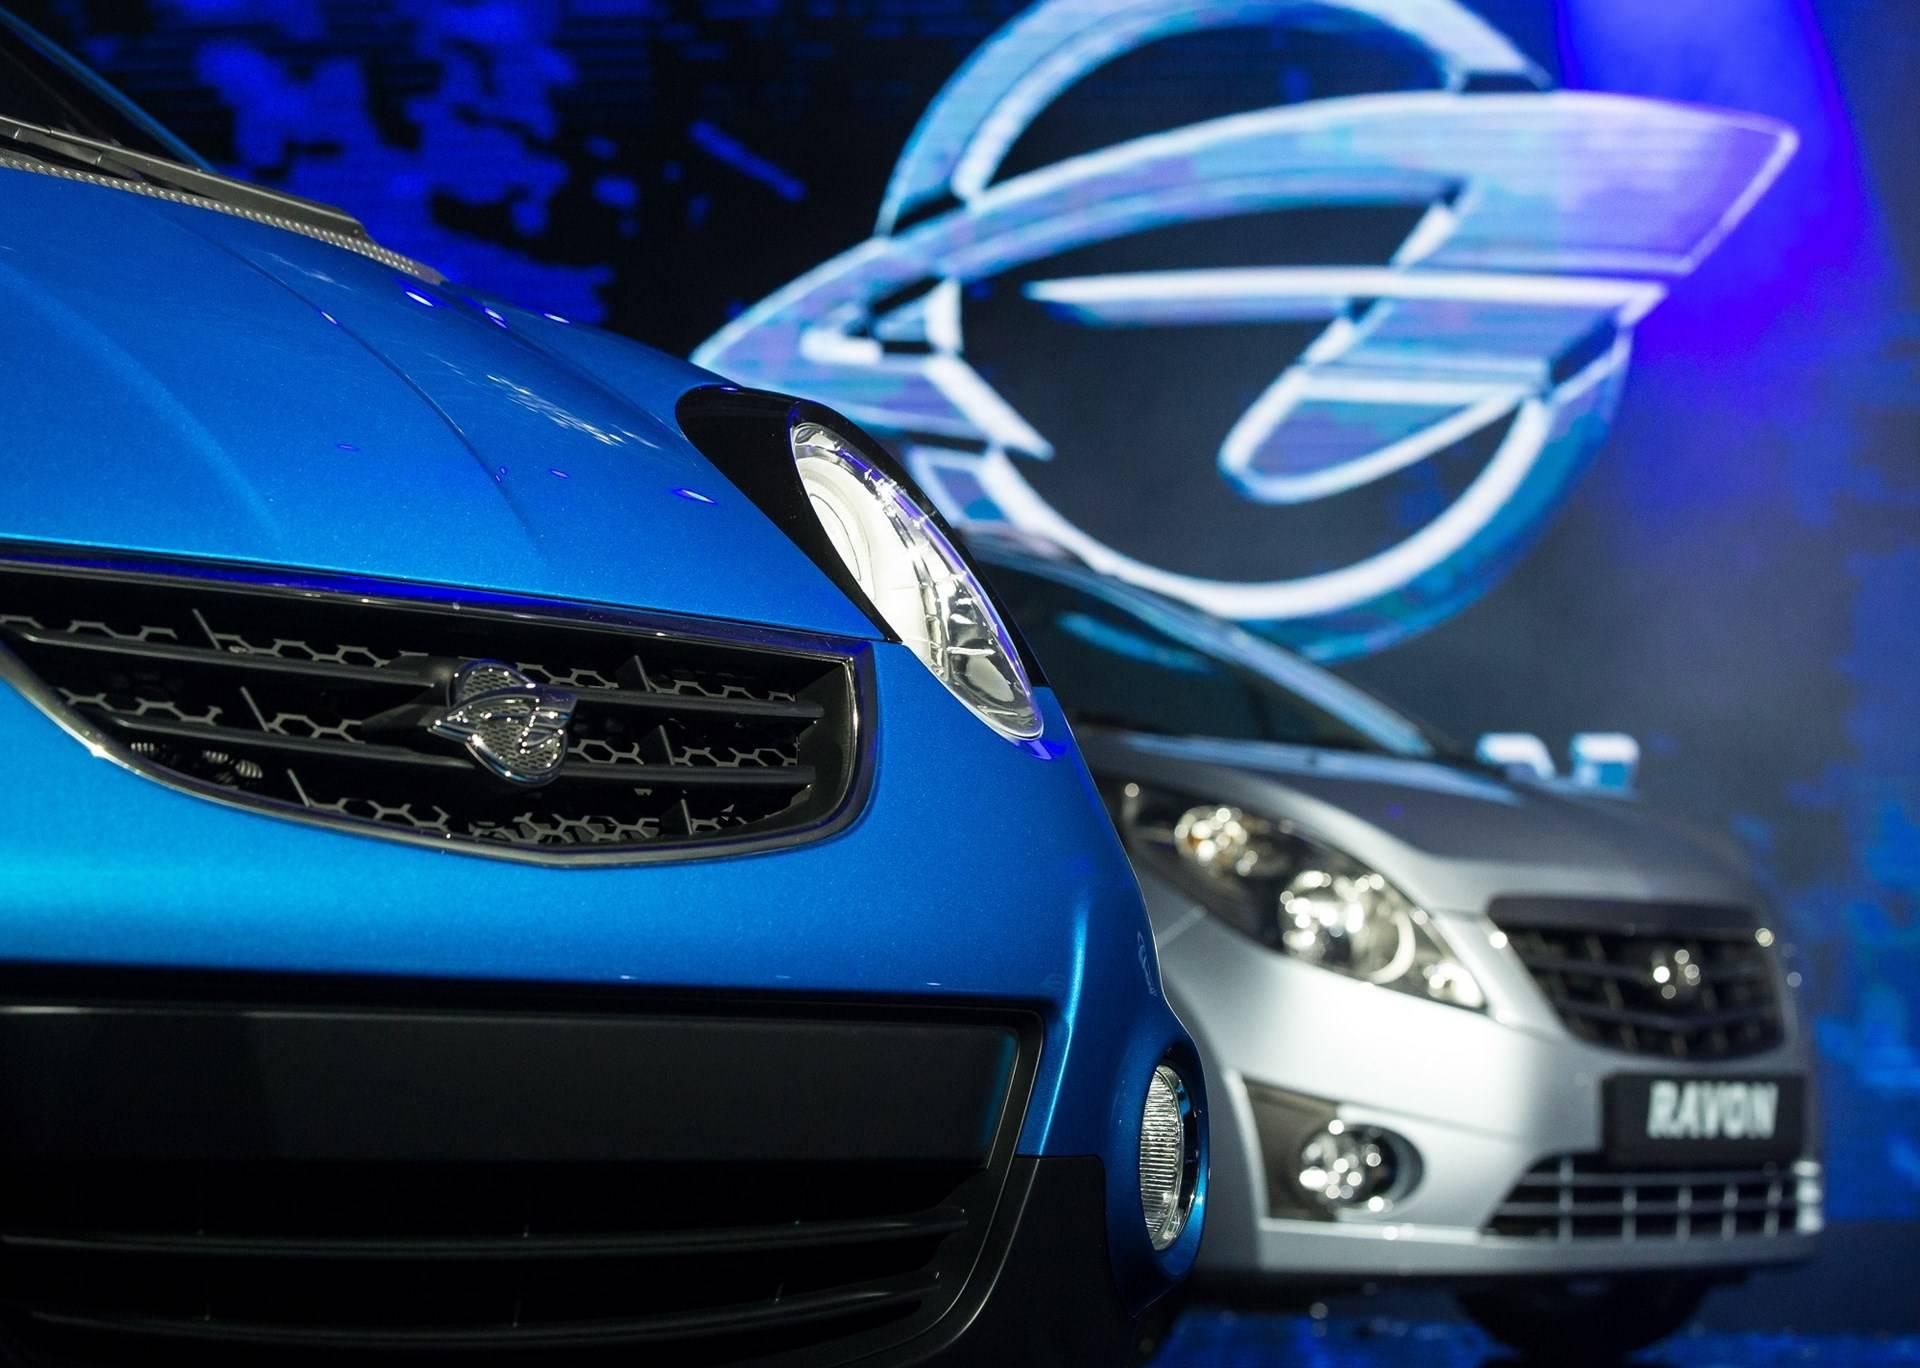 Ravon снова в России: стоит ли покупать узбекский автомобиль